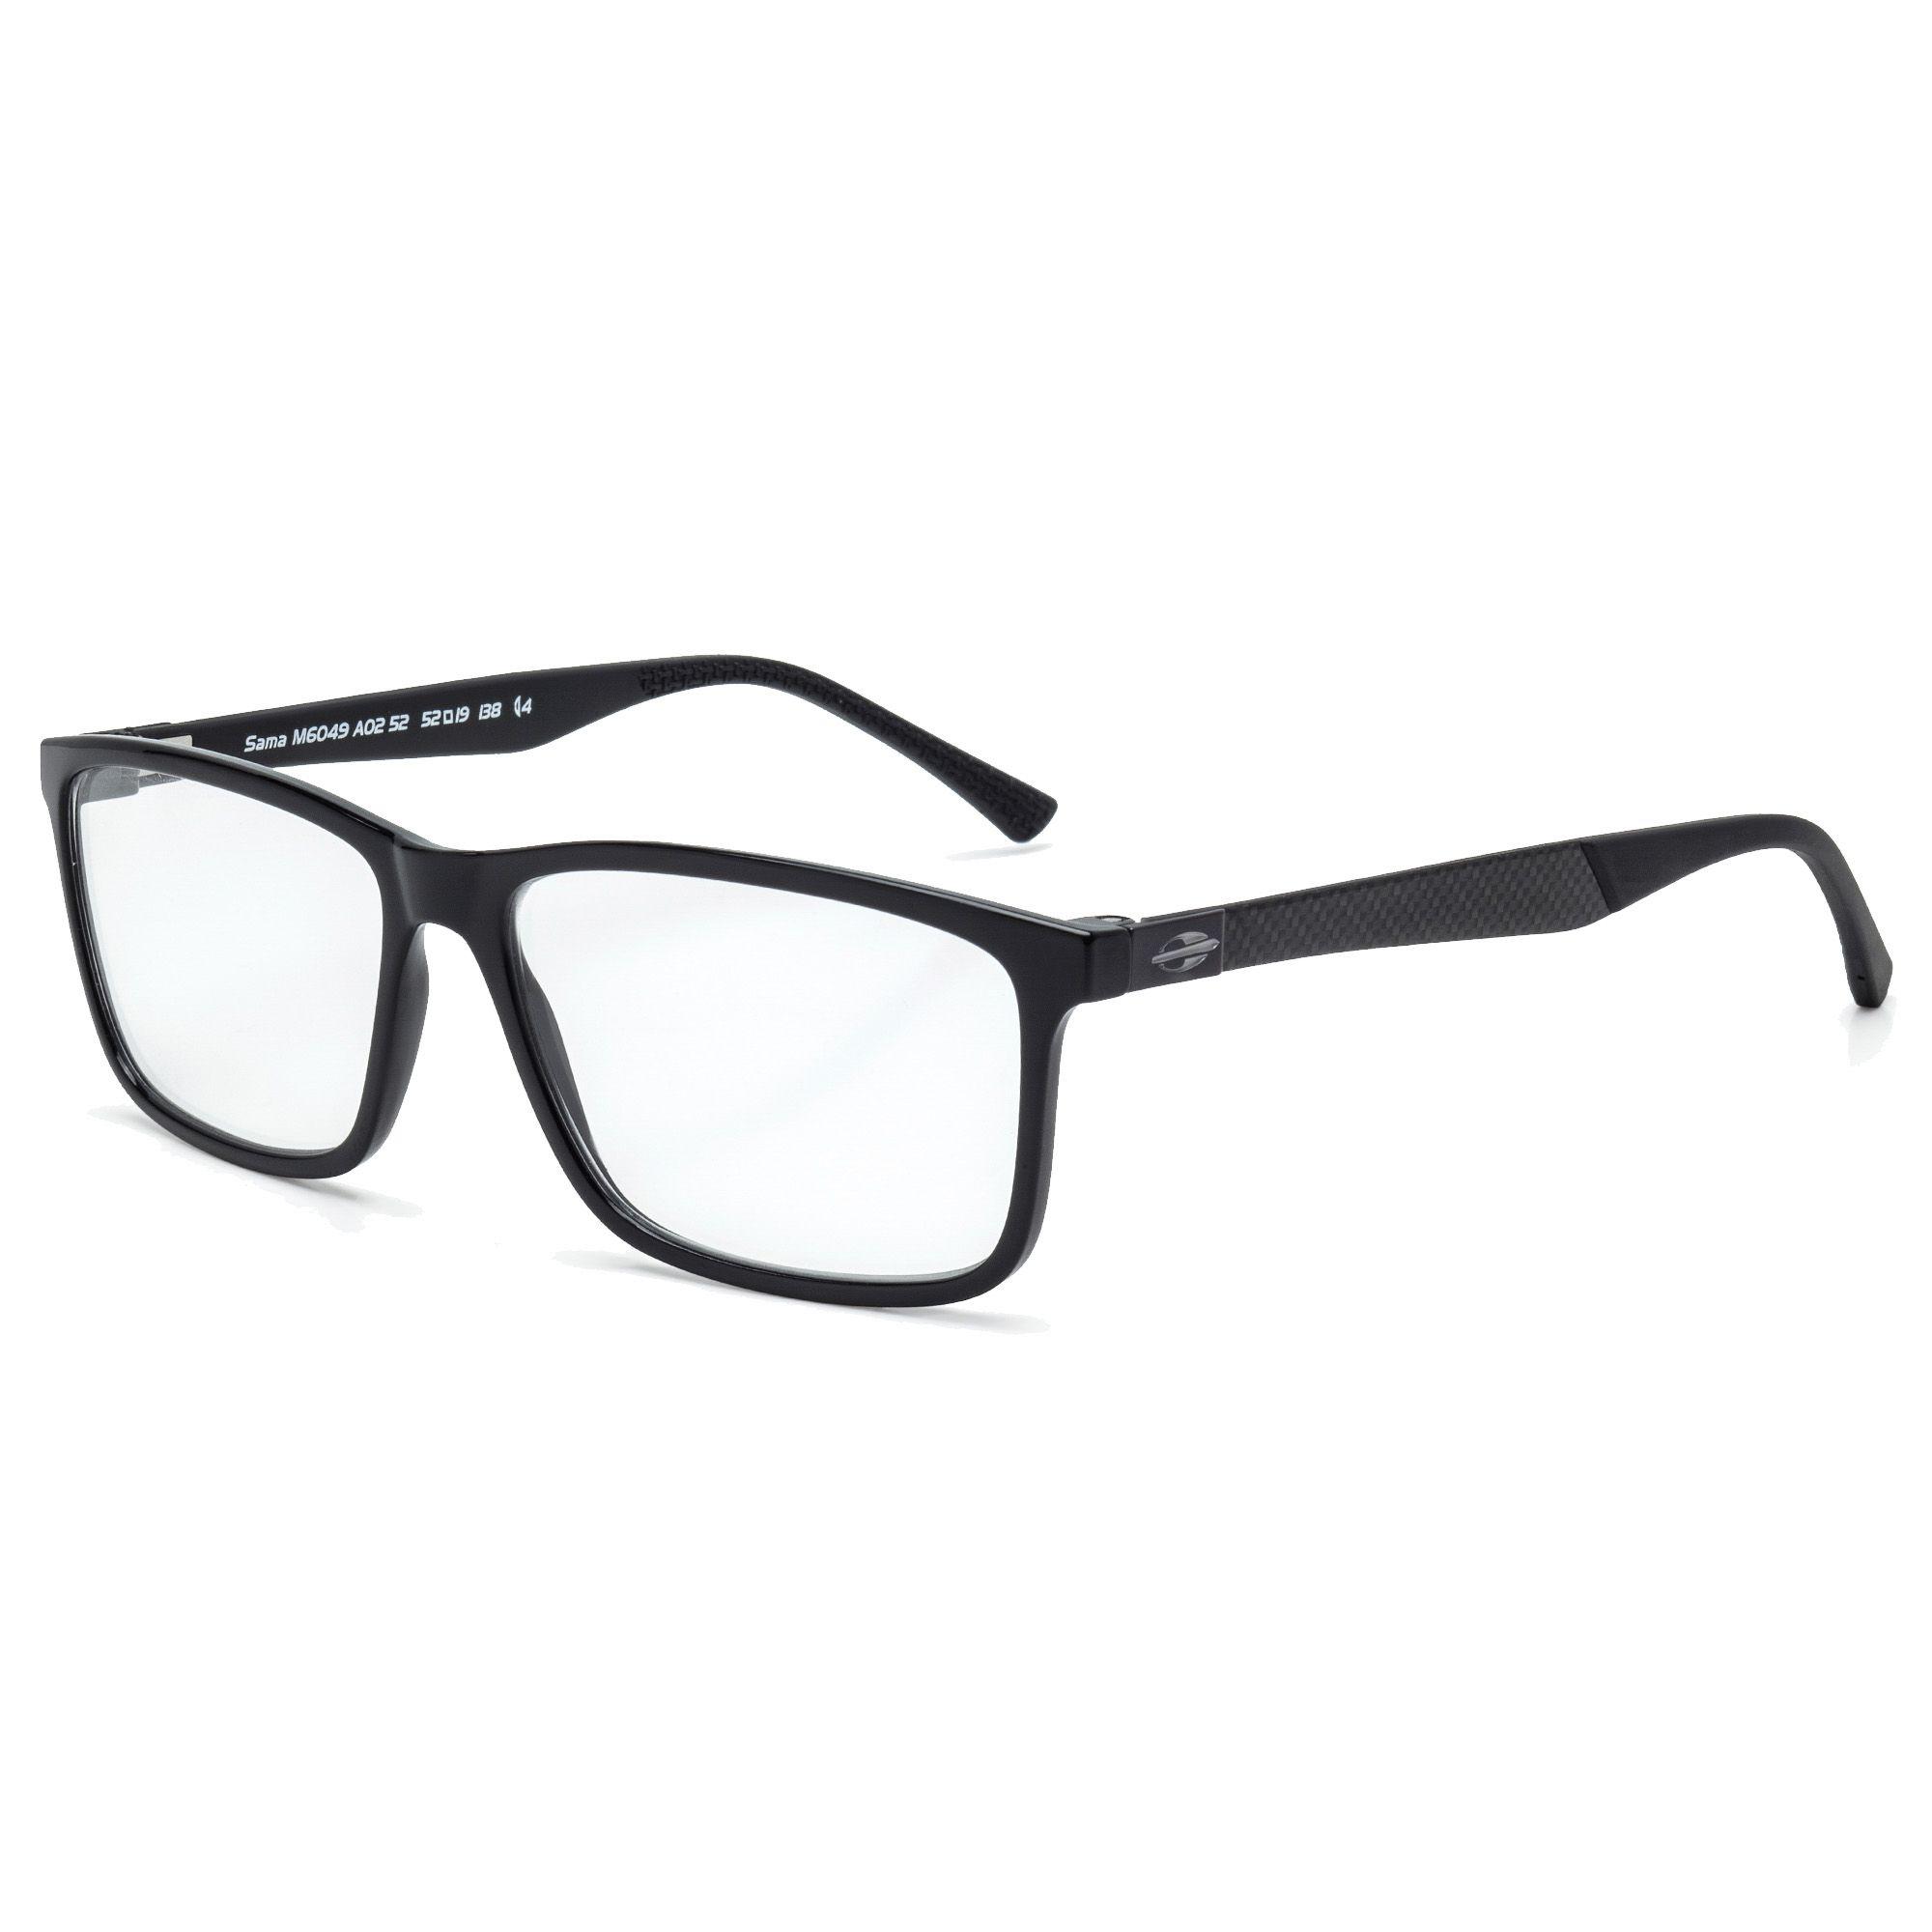 Óculos de Grau Unissex Mormaii Sama M6049A0252